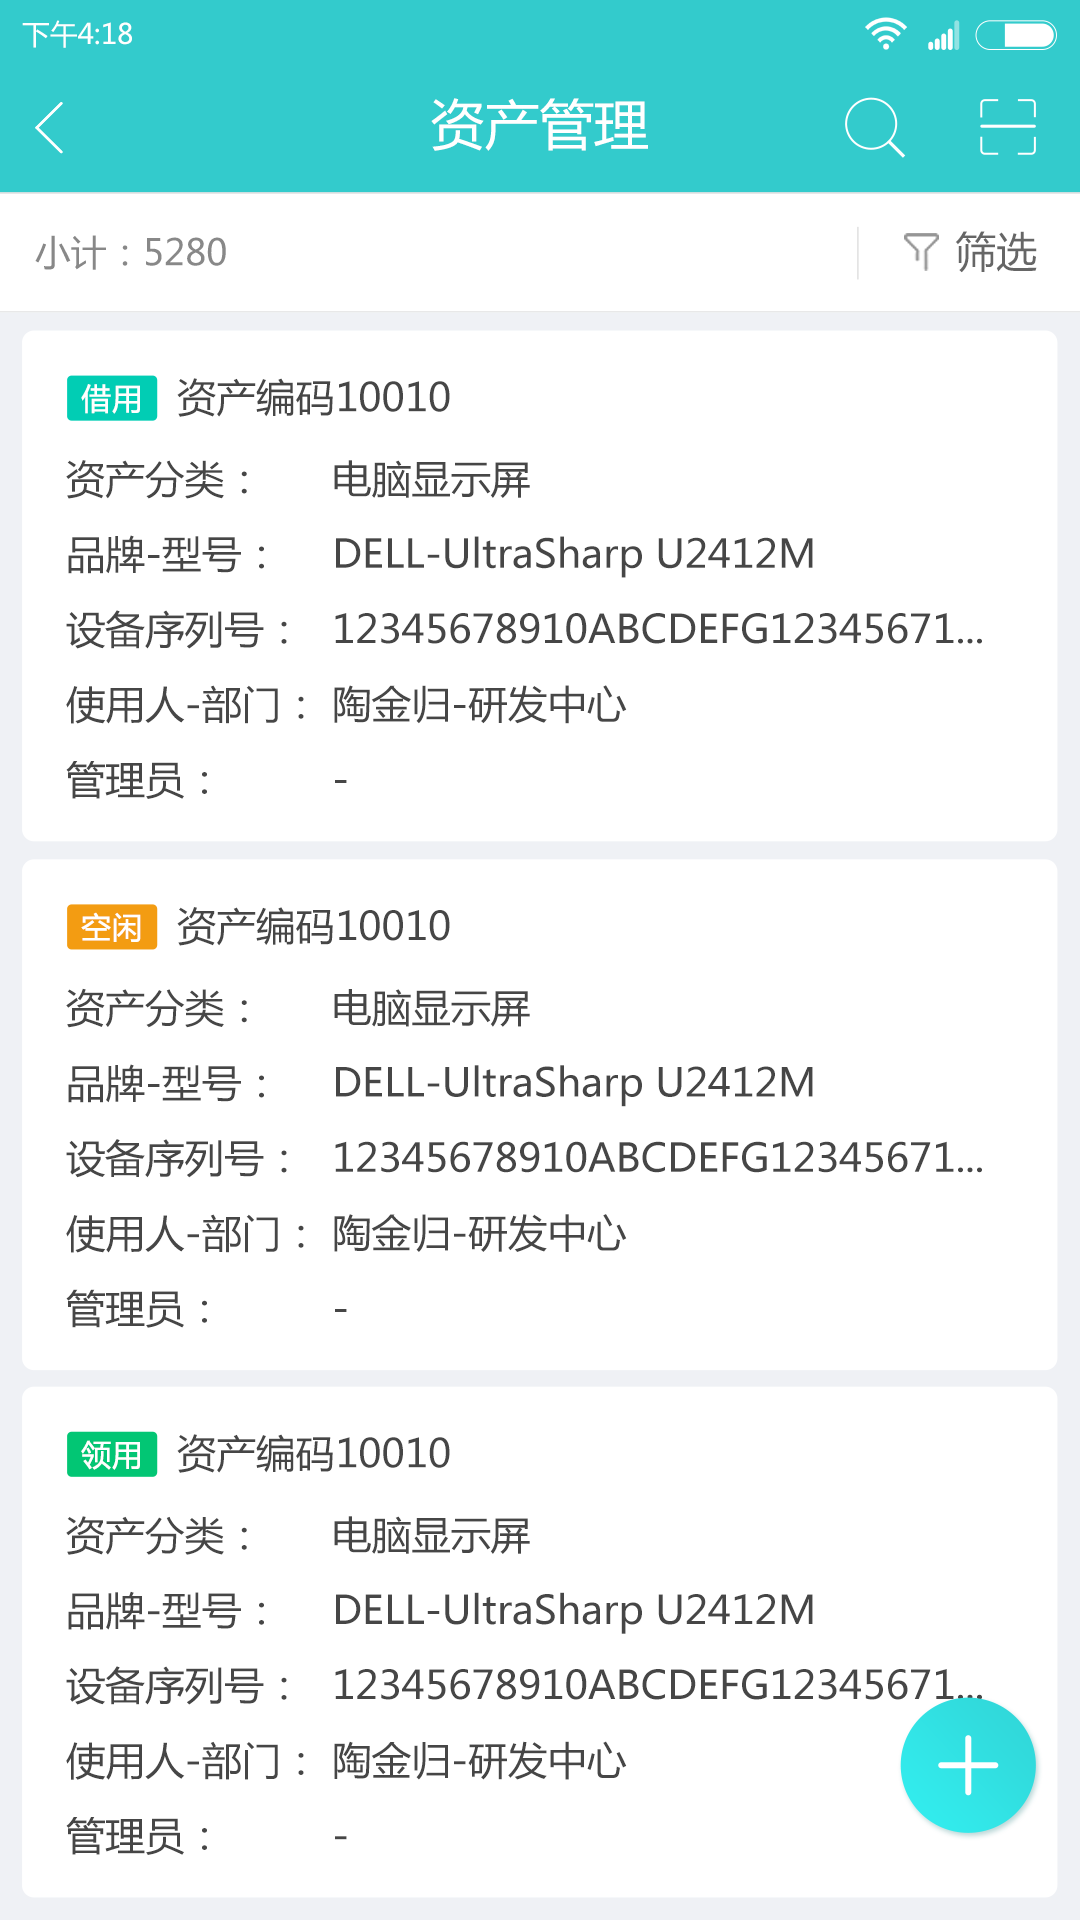 易盘点固定资产管理专家 V2.3.0 安卓版截图4